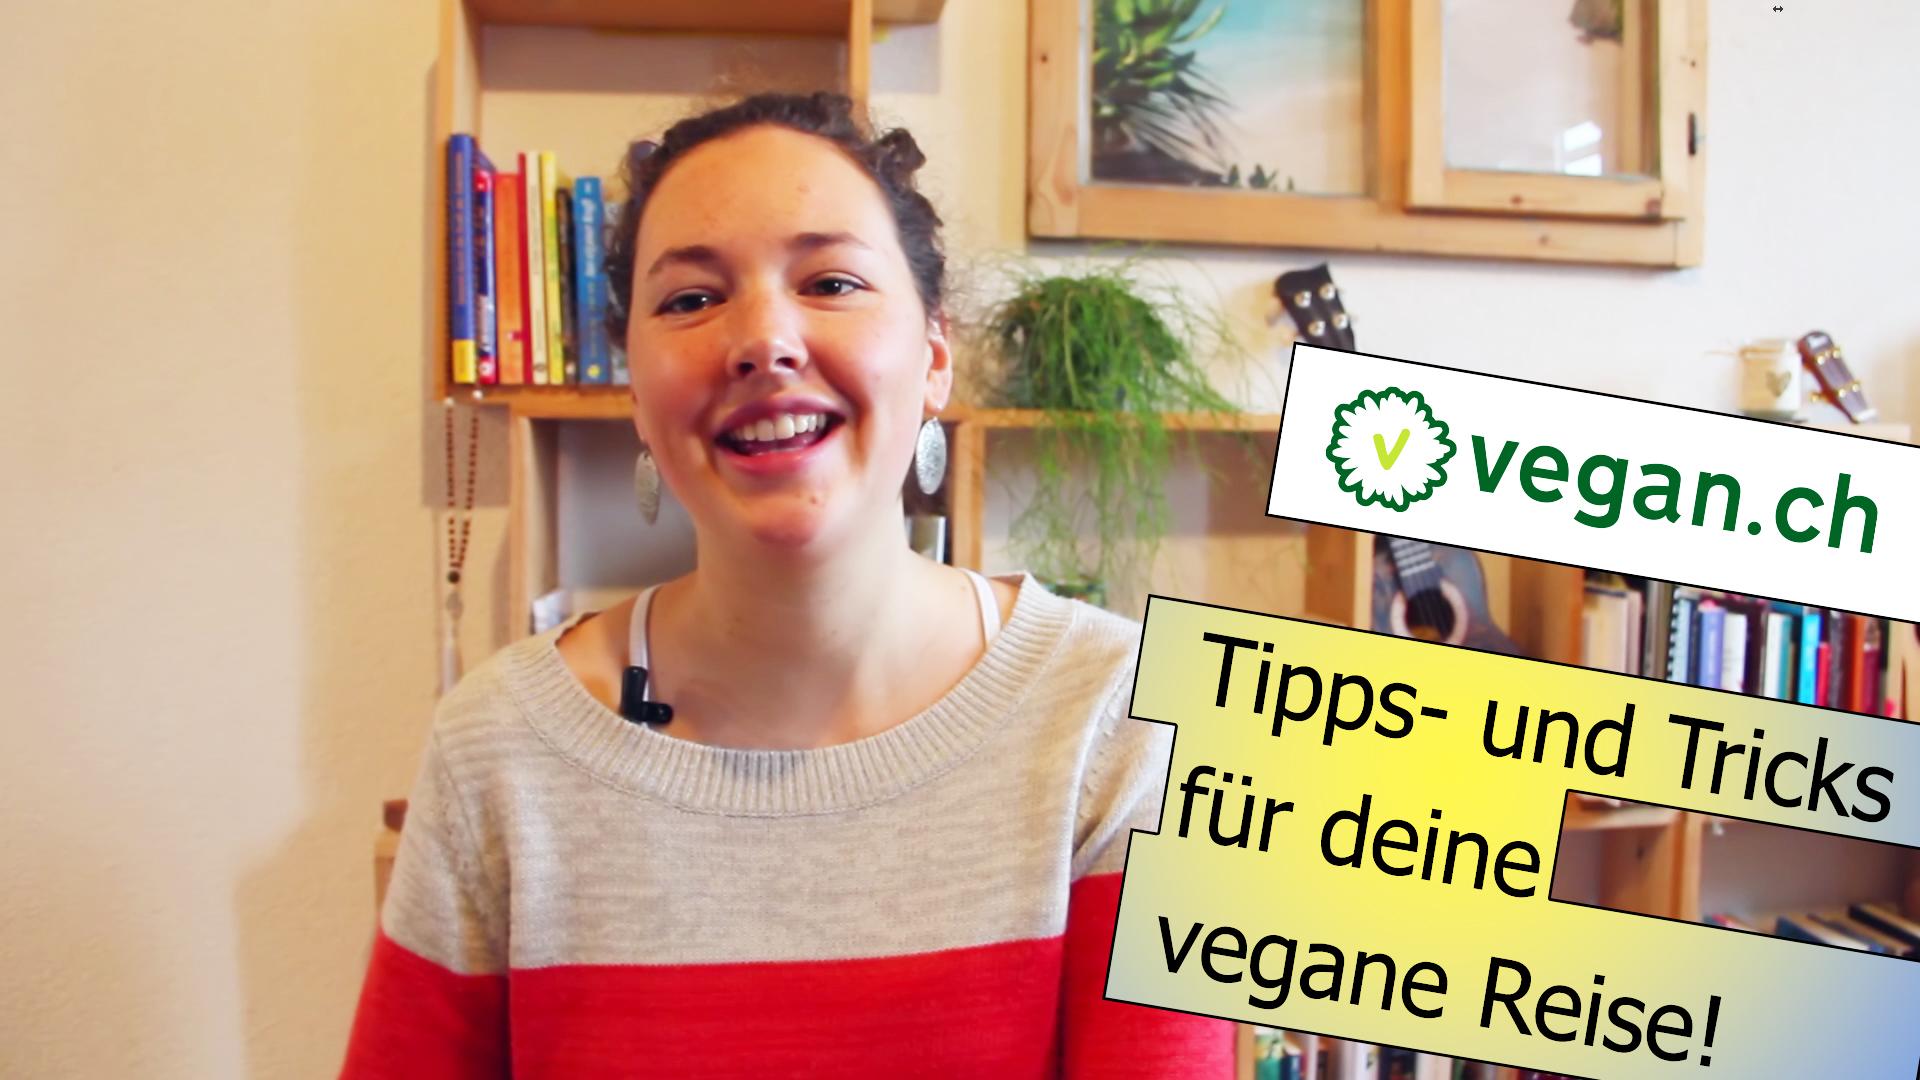 vegane Reisetipps und -tricks mit Michelle